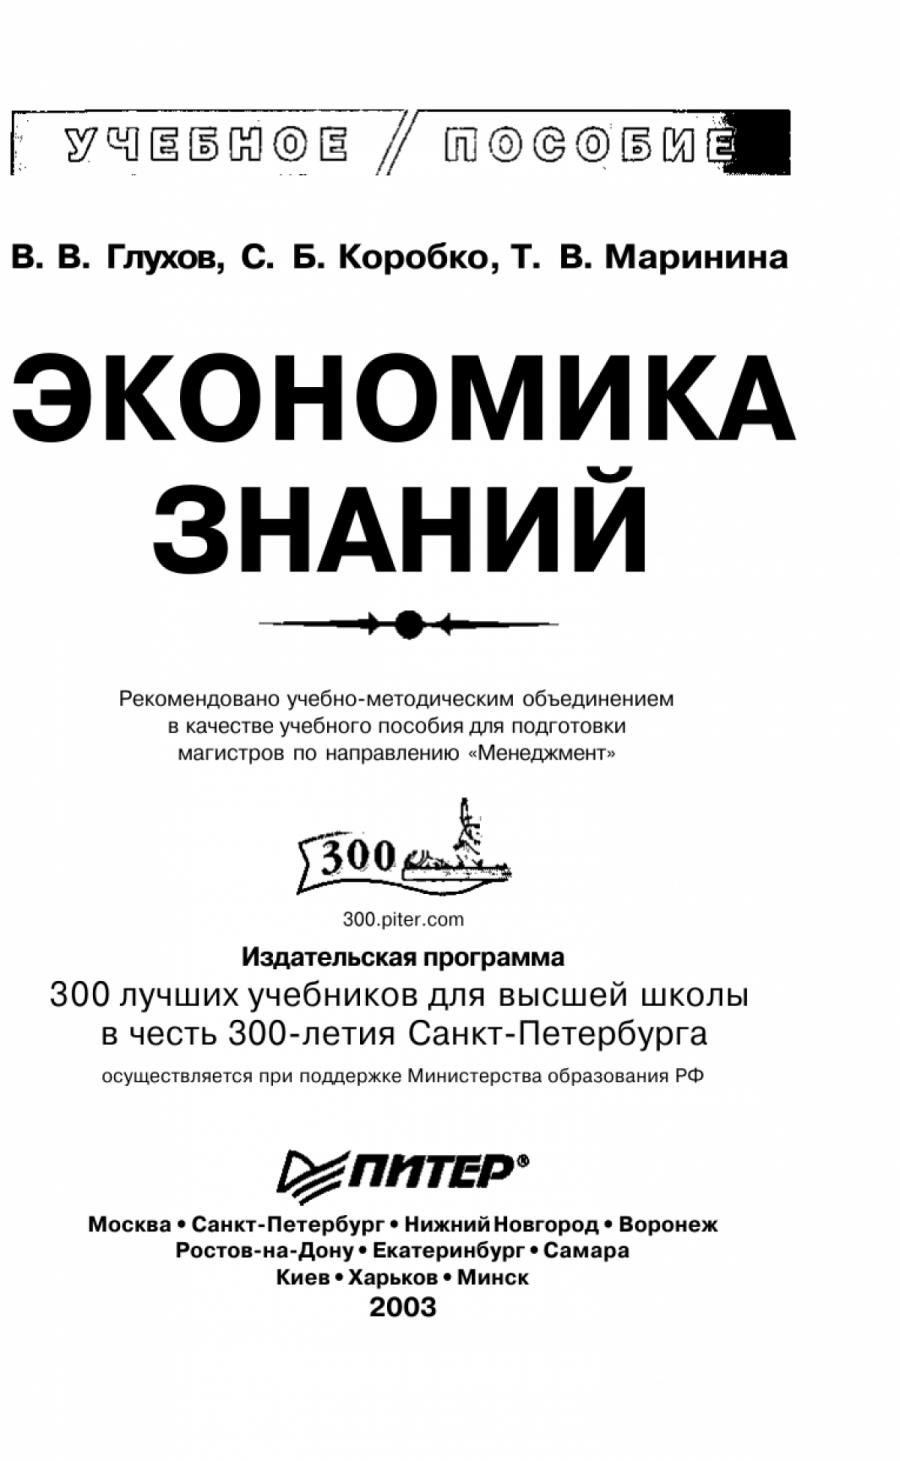 Обложка книги:  в.в. глухов, с.б. коробко, т.в. маринина - экономика знаний